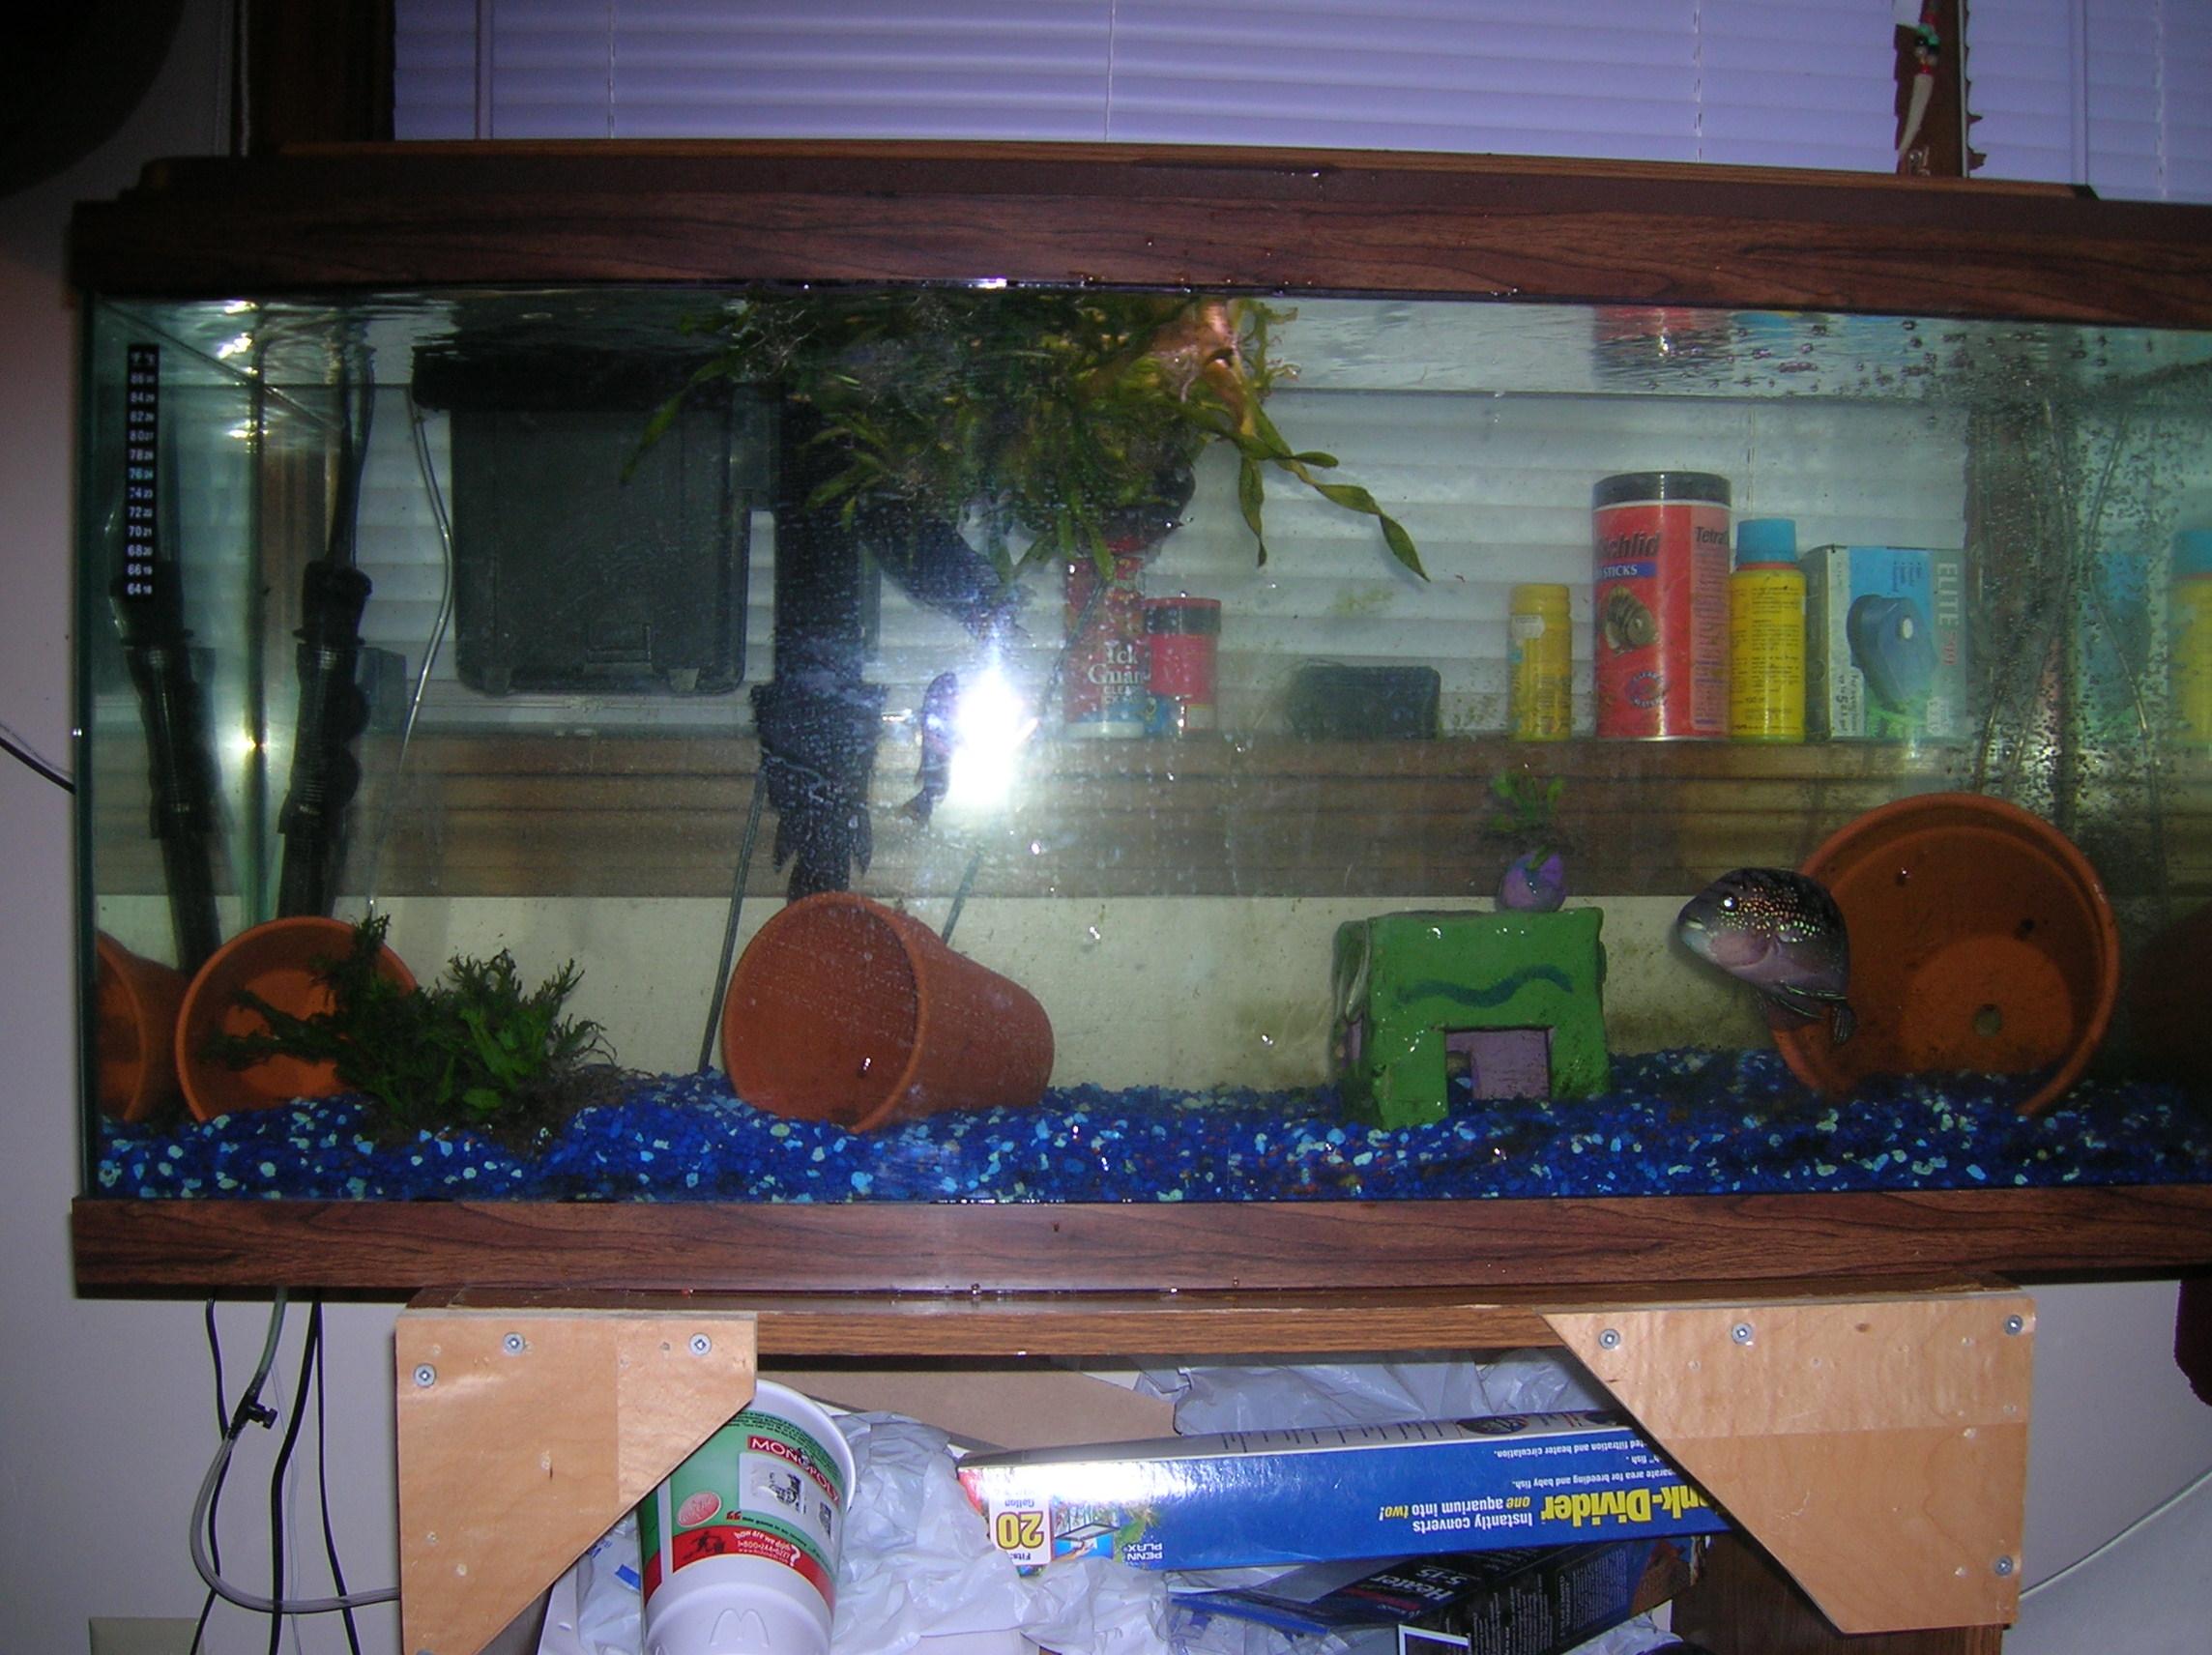 30 gallon fish tank in litres tank for 30 gallon fish tank kit